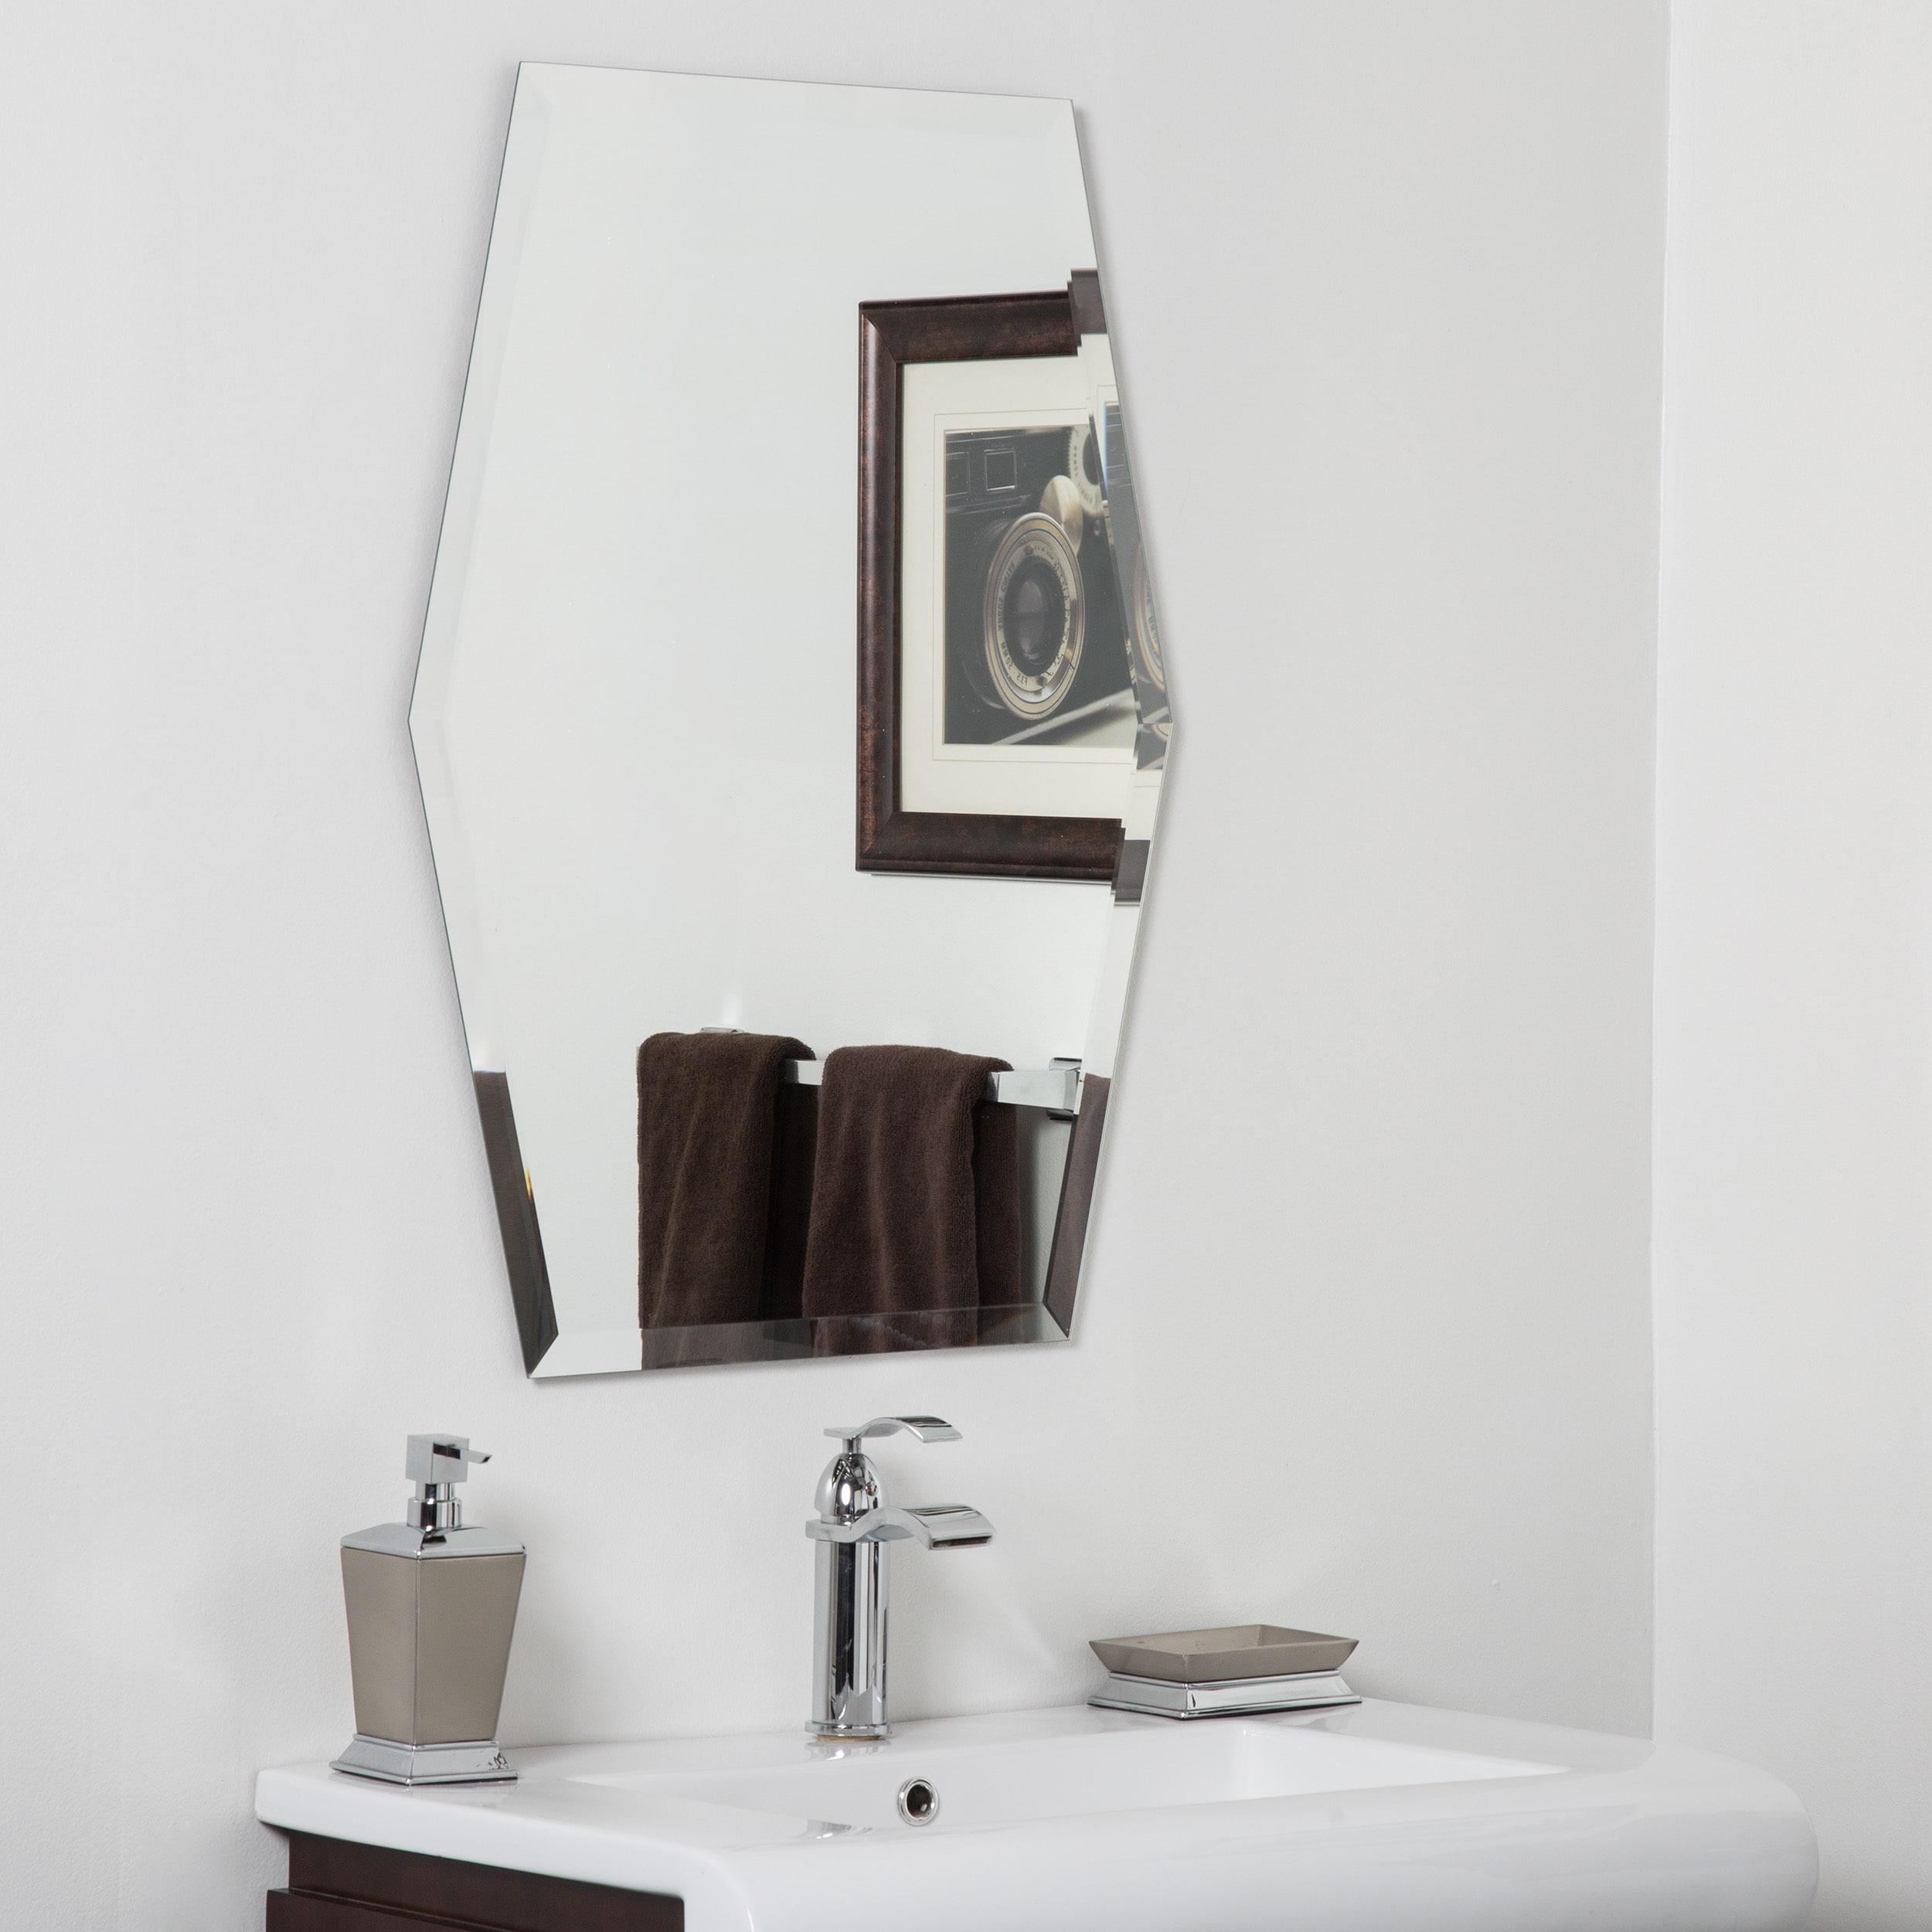 Century Clear Glass Modern Bathroom Mirror - Silver - N/A - Free ...